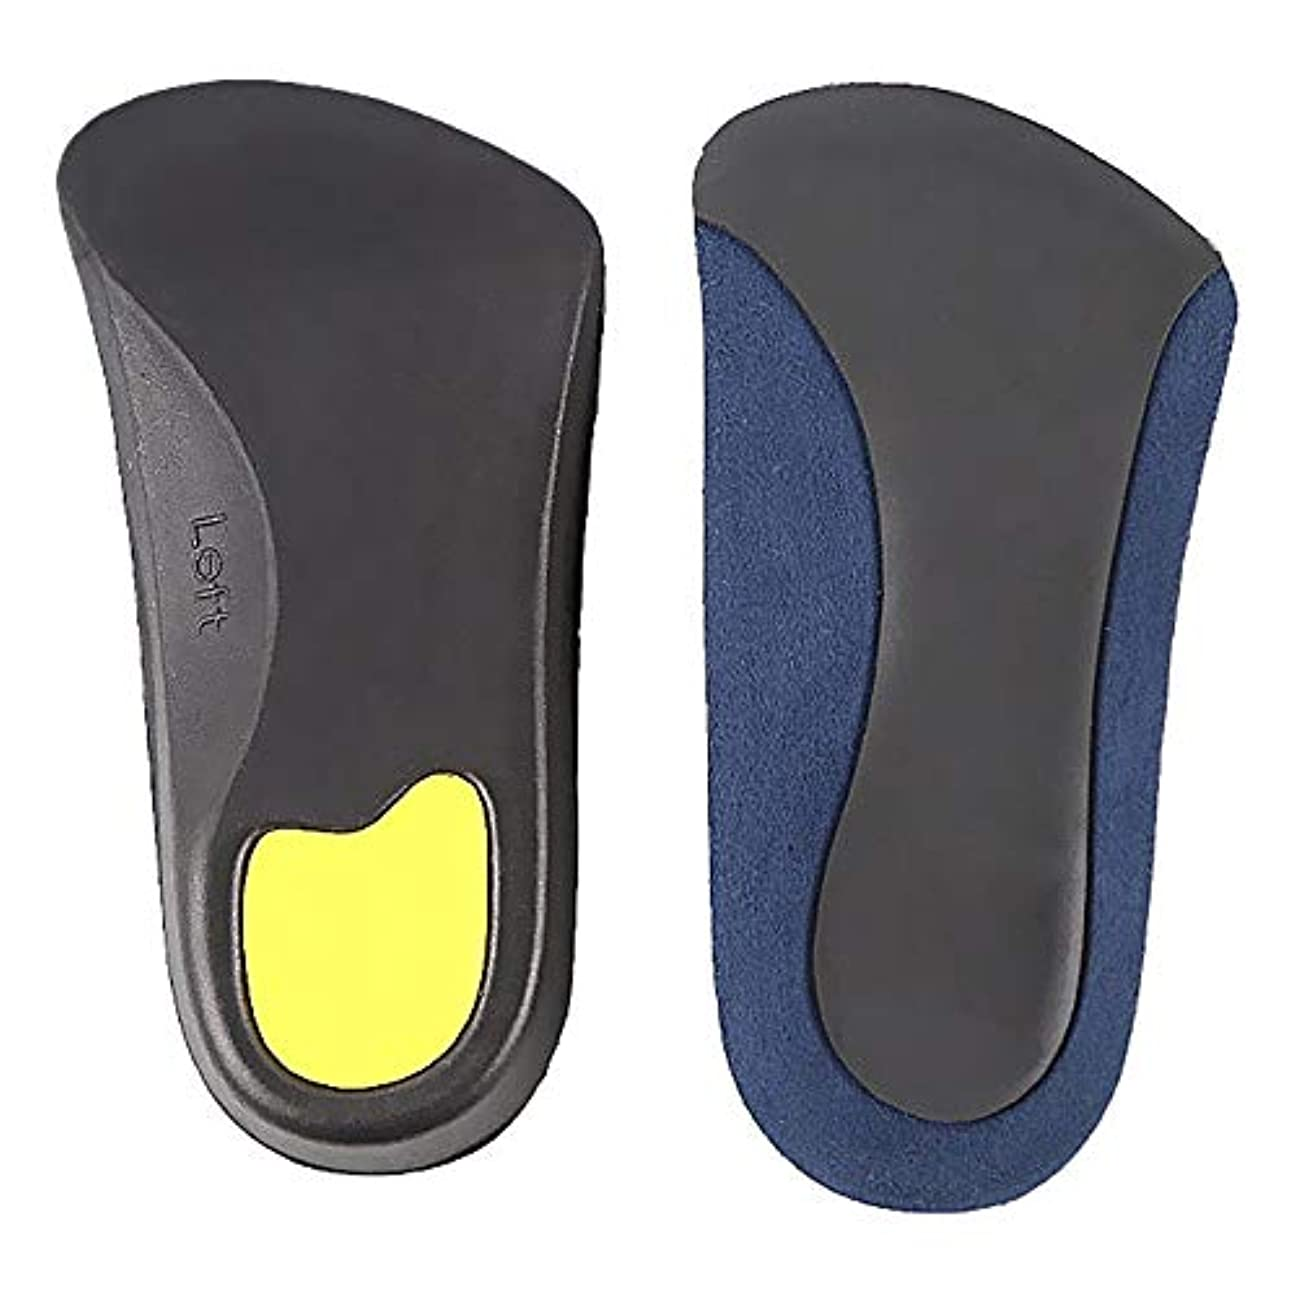 概念名門こだわり矯正インソールアーチサポートインソールトリートメントフラットフット足の痛みを和らげますフィットネス、ランニング、テニス用の通気性のある滑り止めアーチヒール,L